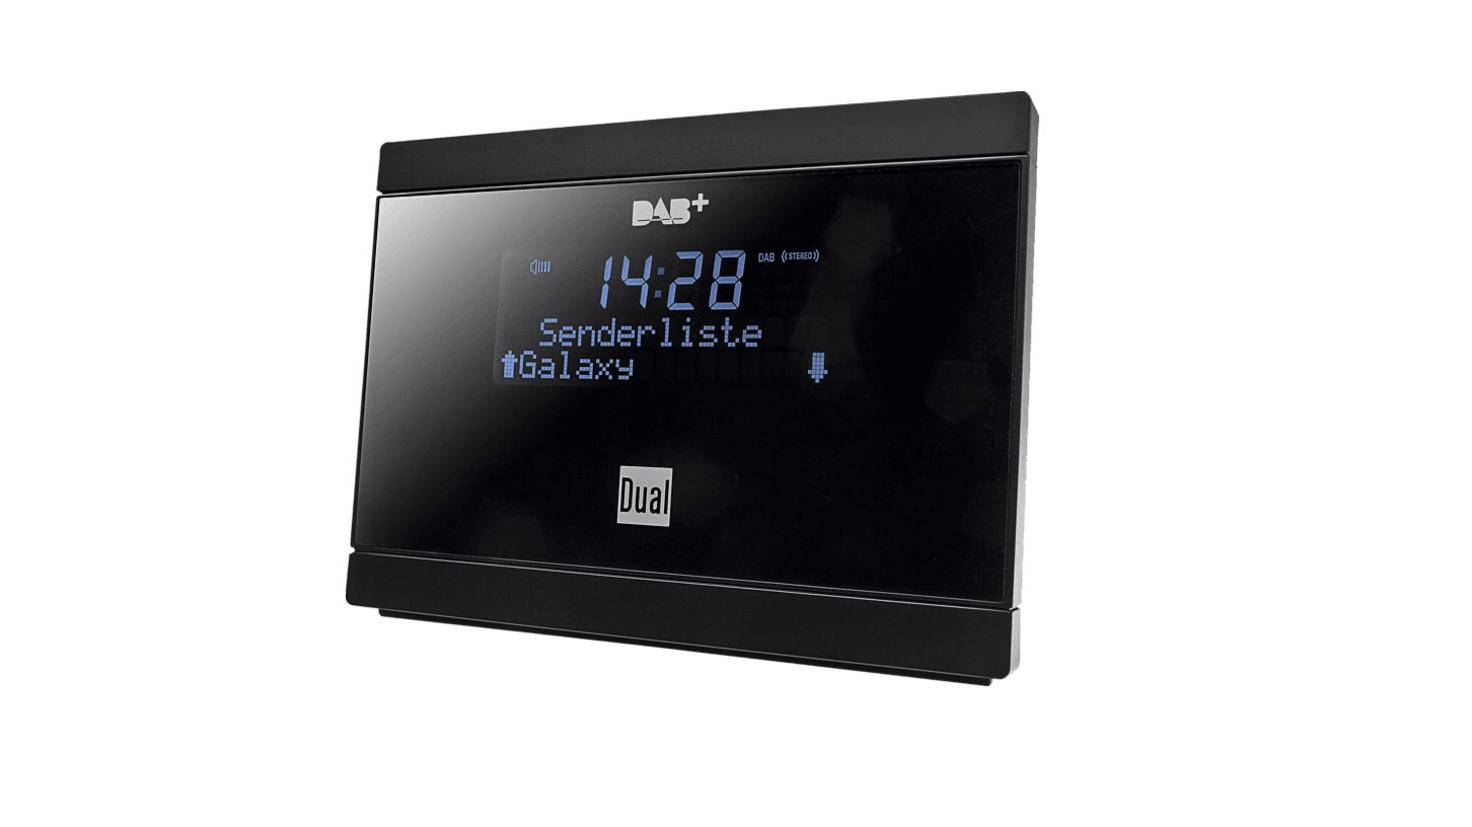 dual-dab-radio